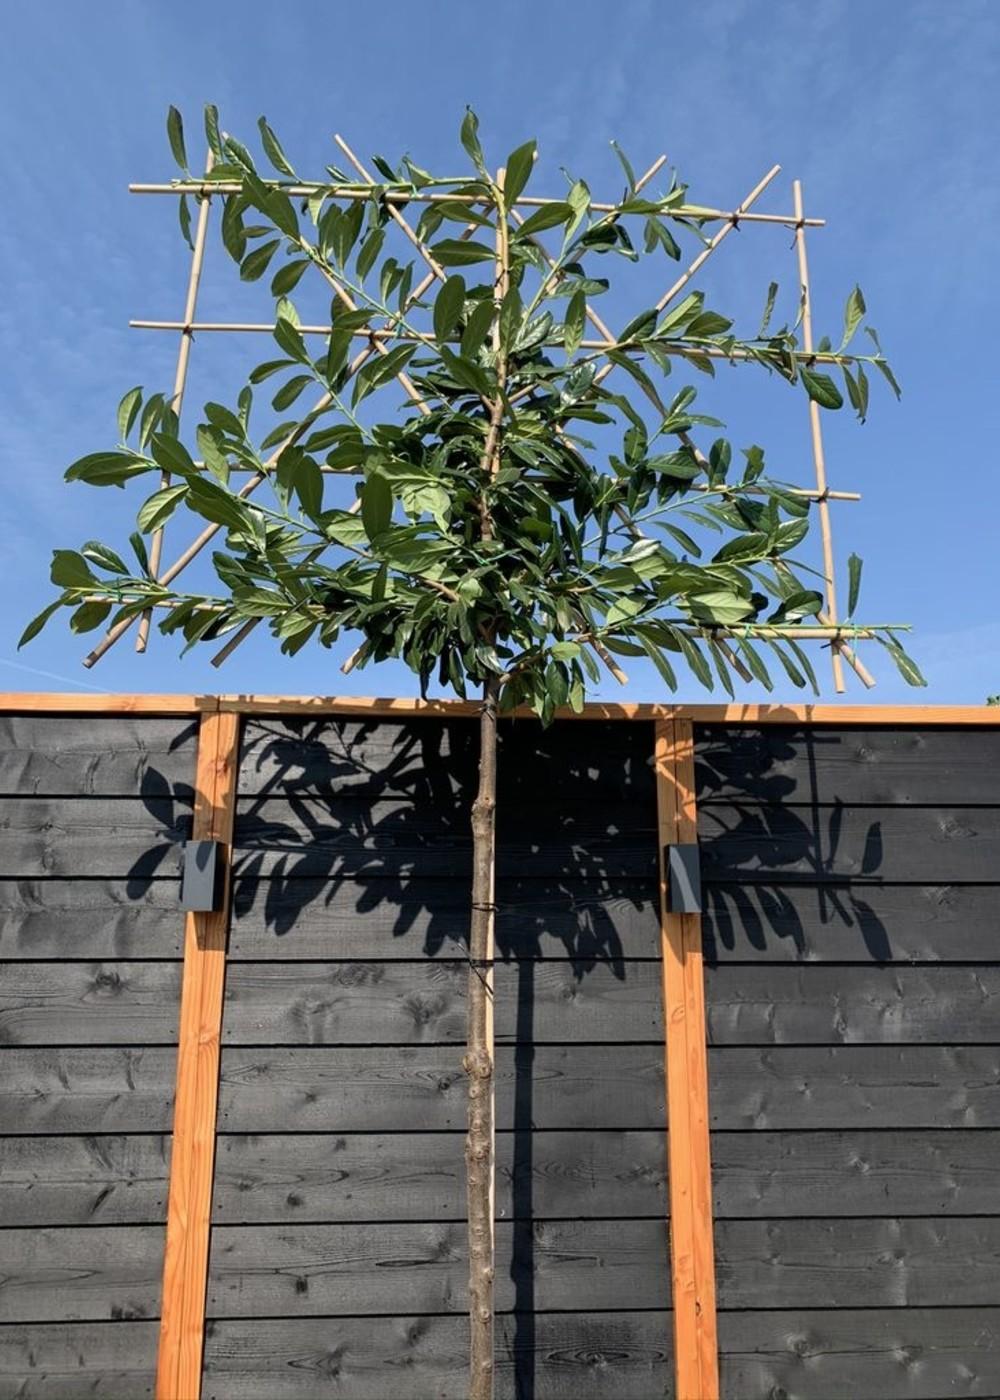 Kirschlorbeer Novita Spalierbaum | Prunus laurocerasus 'Novita' Spalierbaum